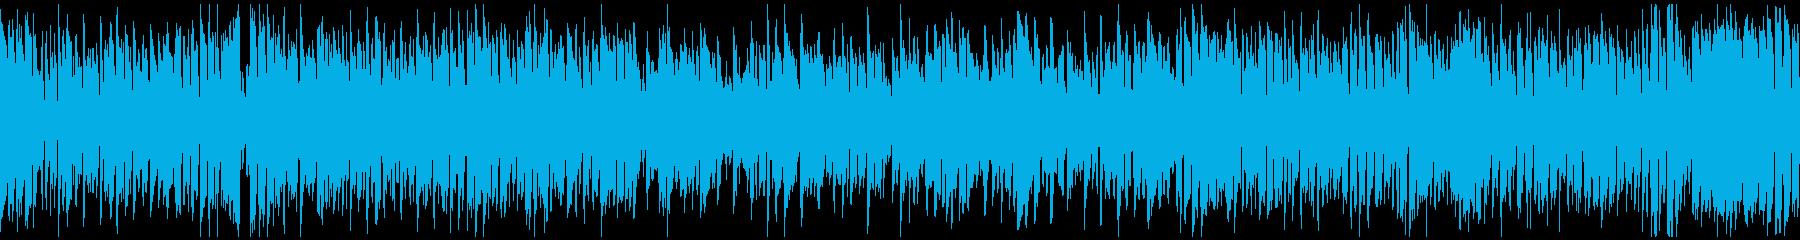 ひょうきんで元気なリコーダー曲※ループ版の再生済みの波形